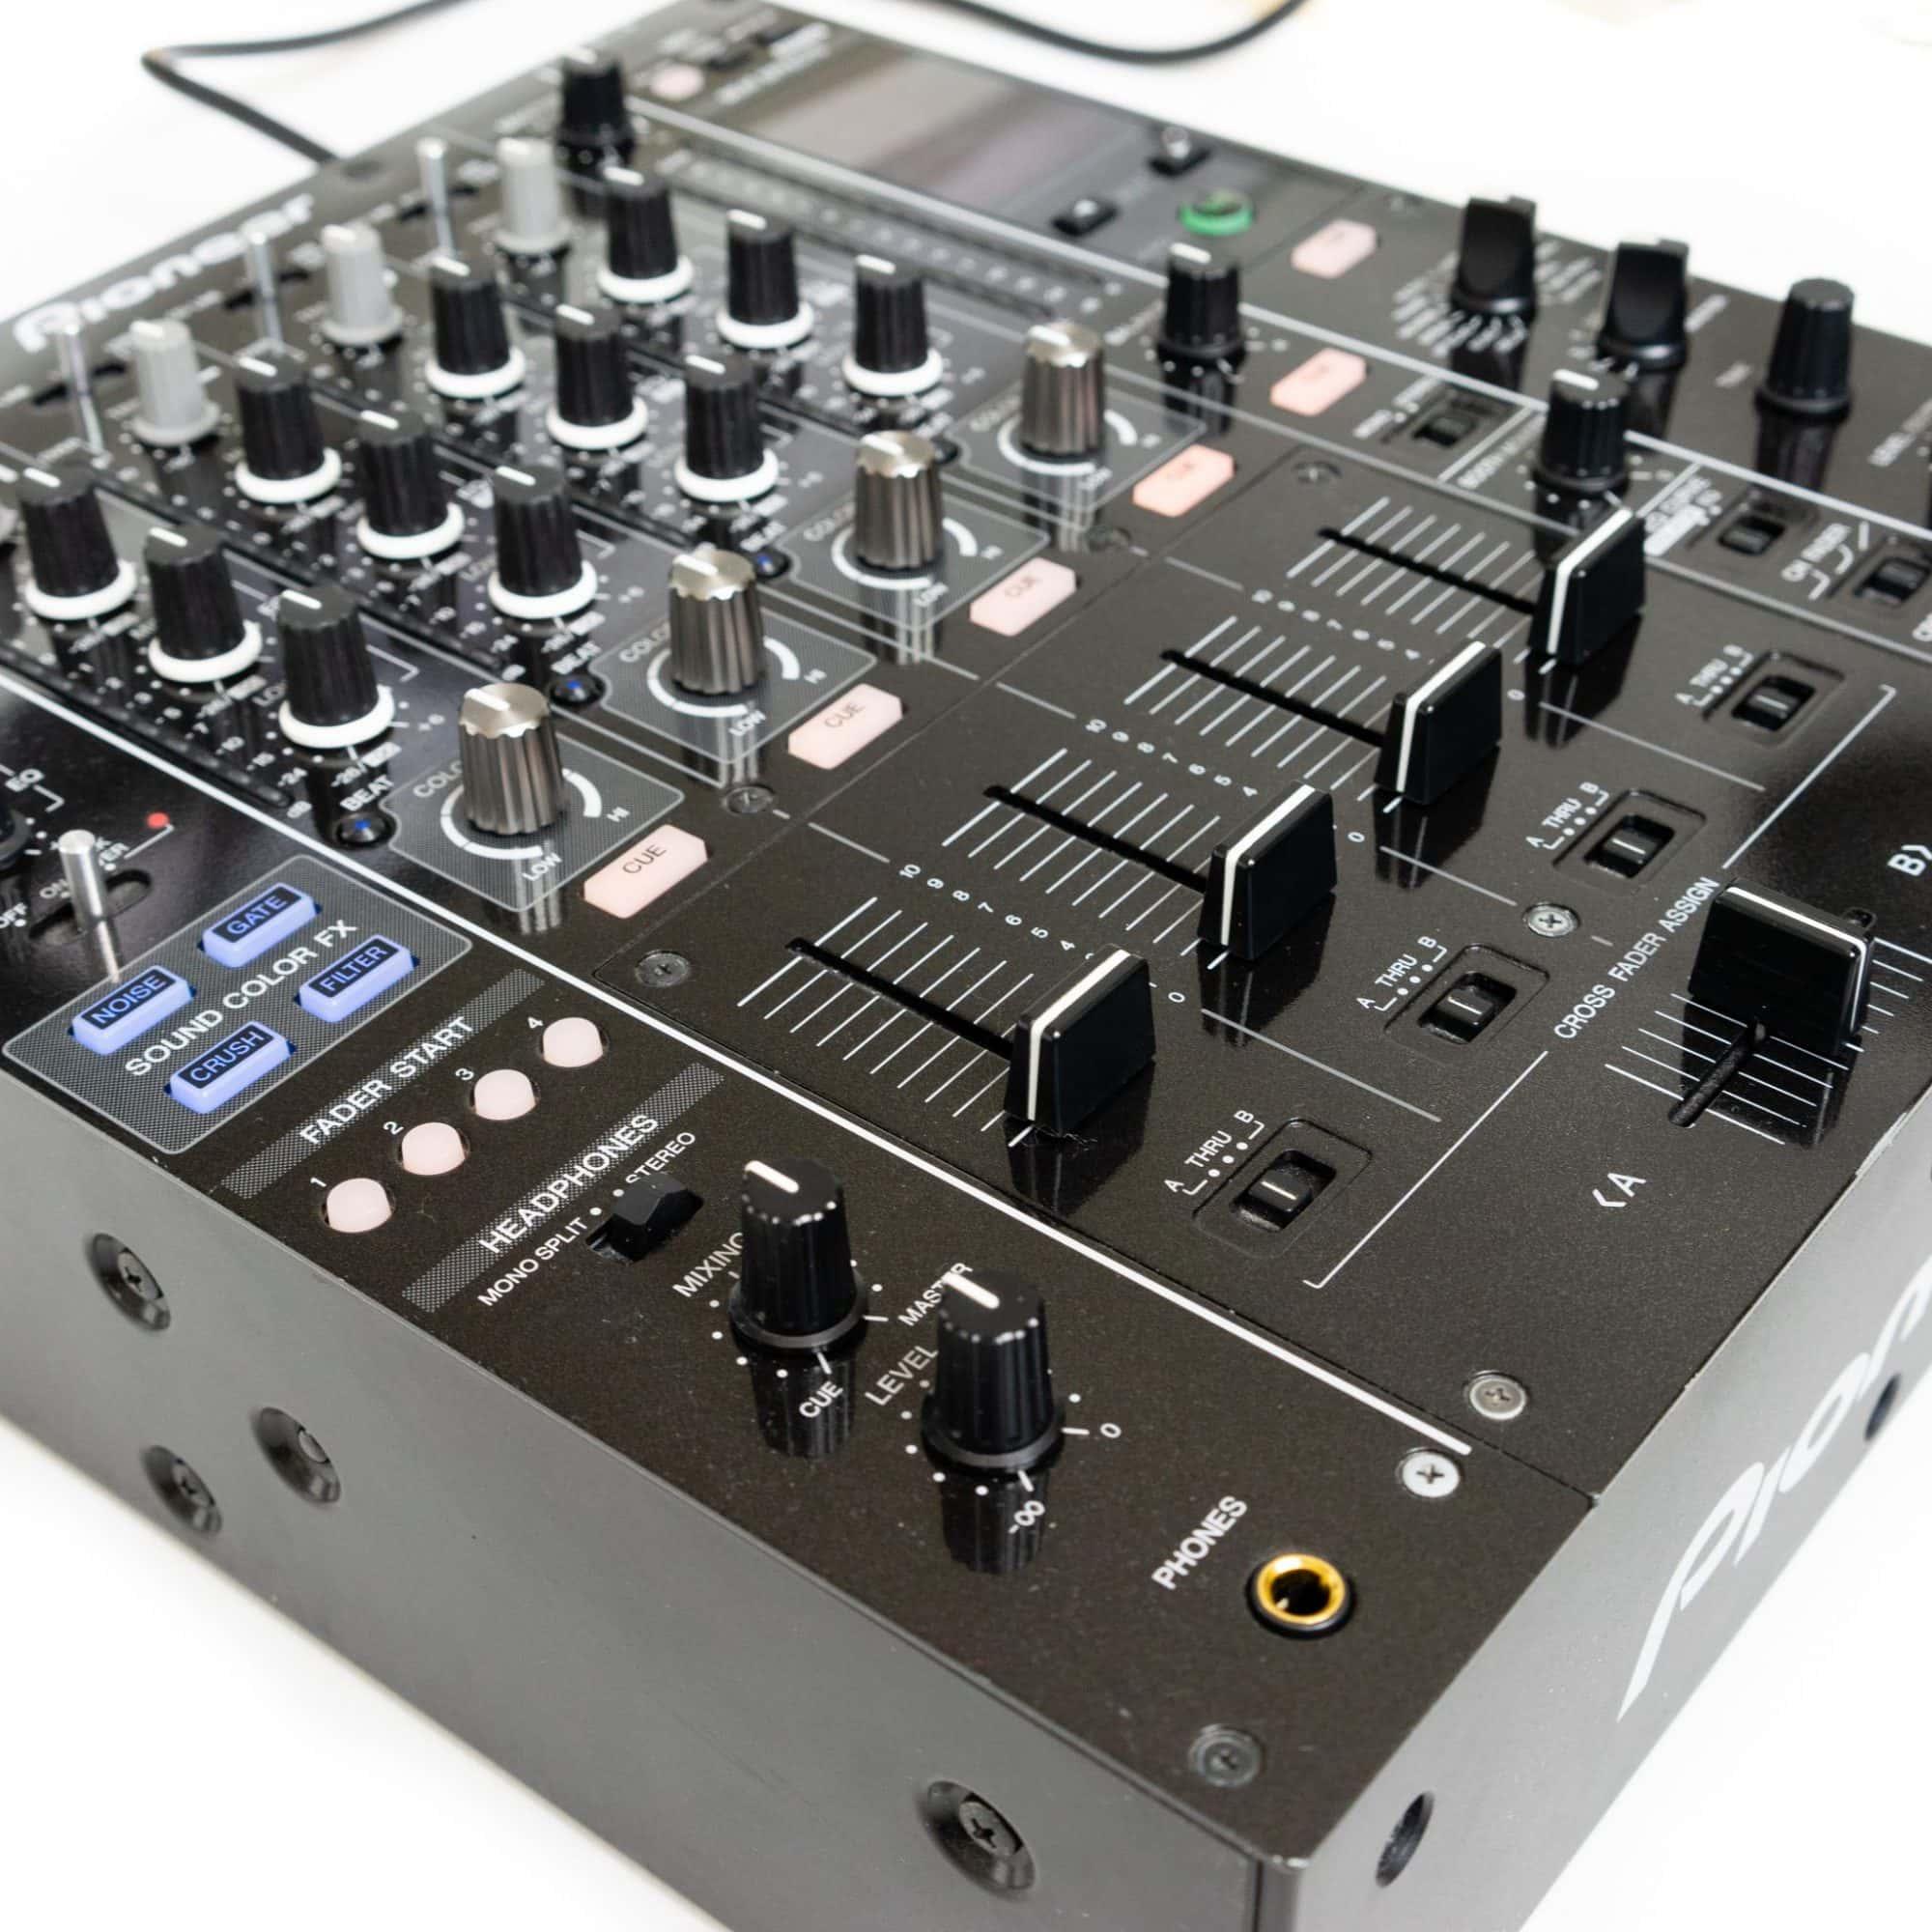 gebraucht kaufen Pioneer DJ DJM 850